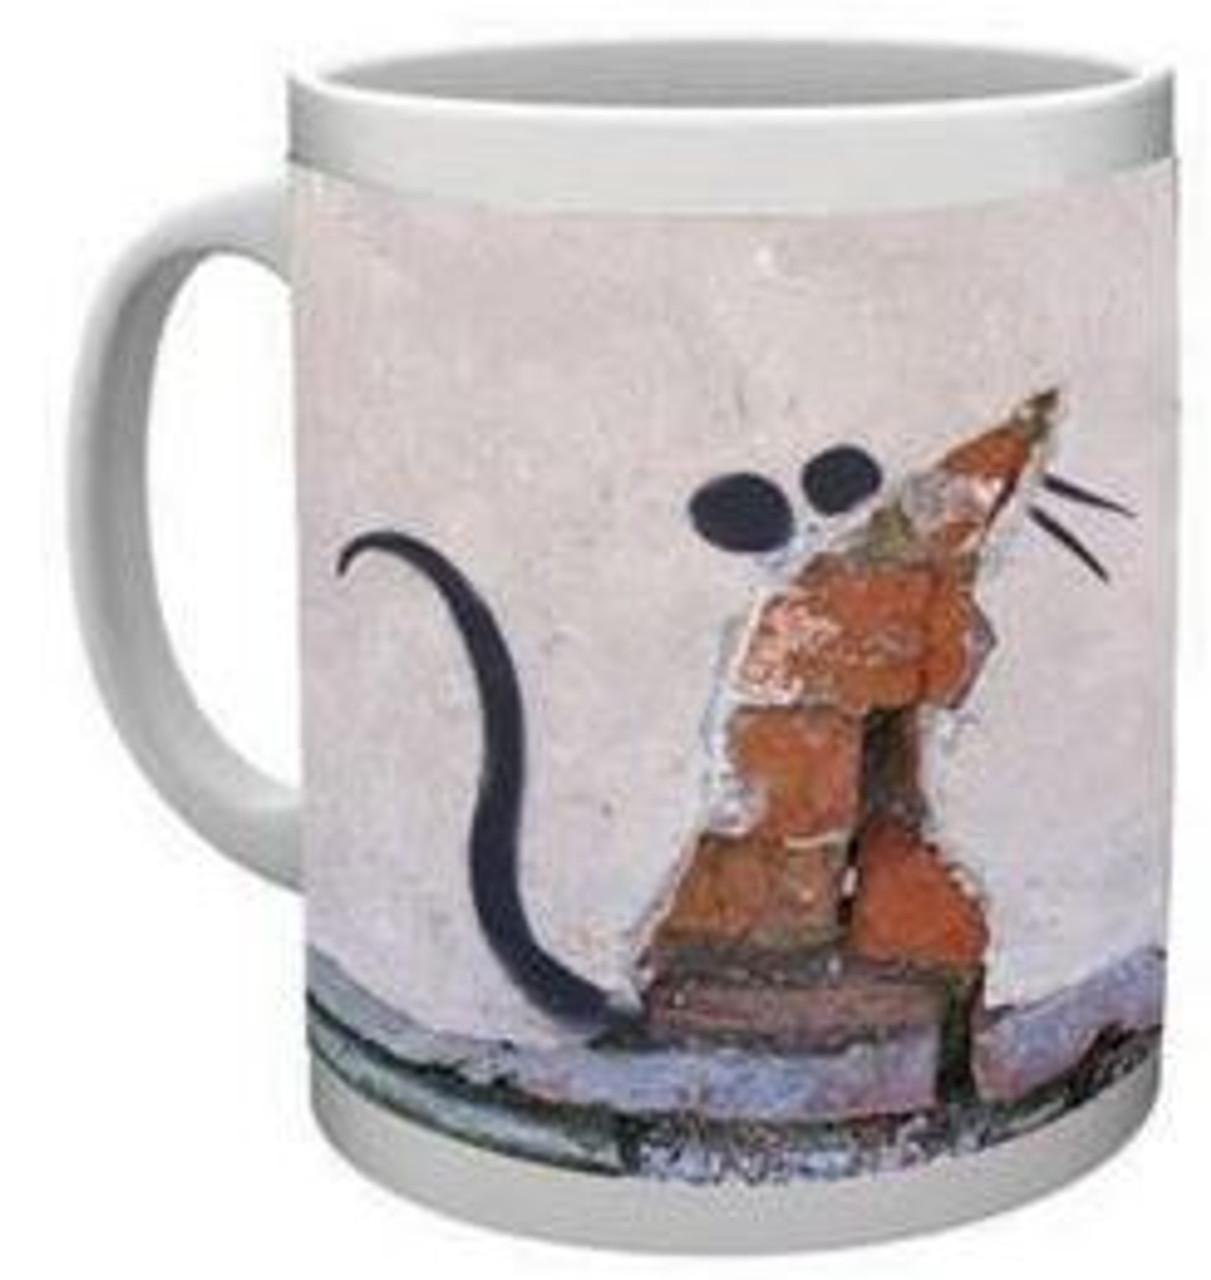 Banksy - Wall Rat - Mug